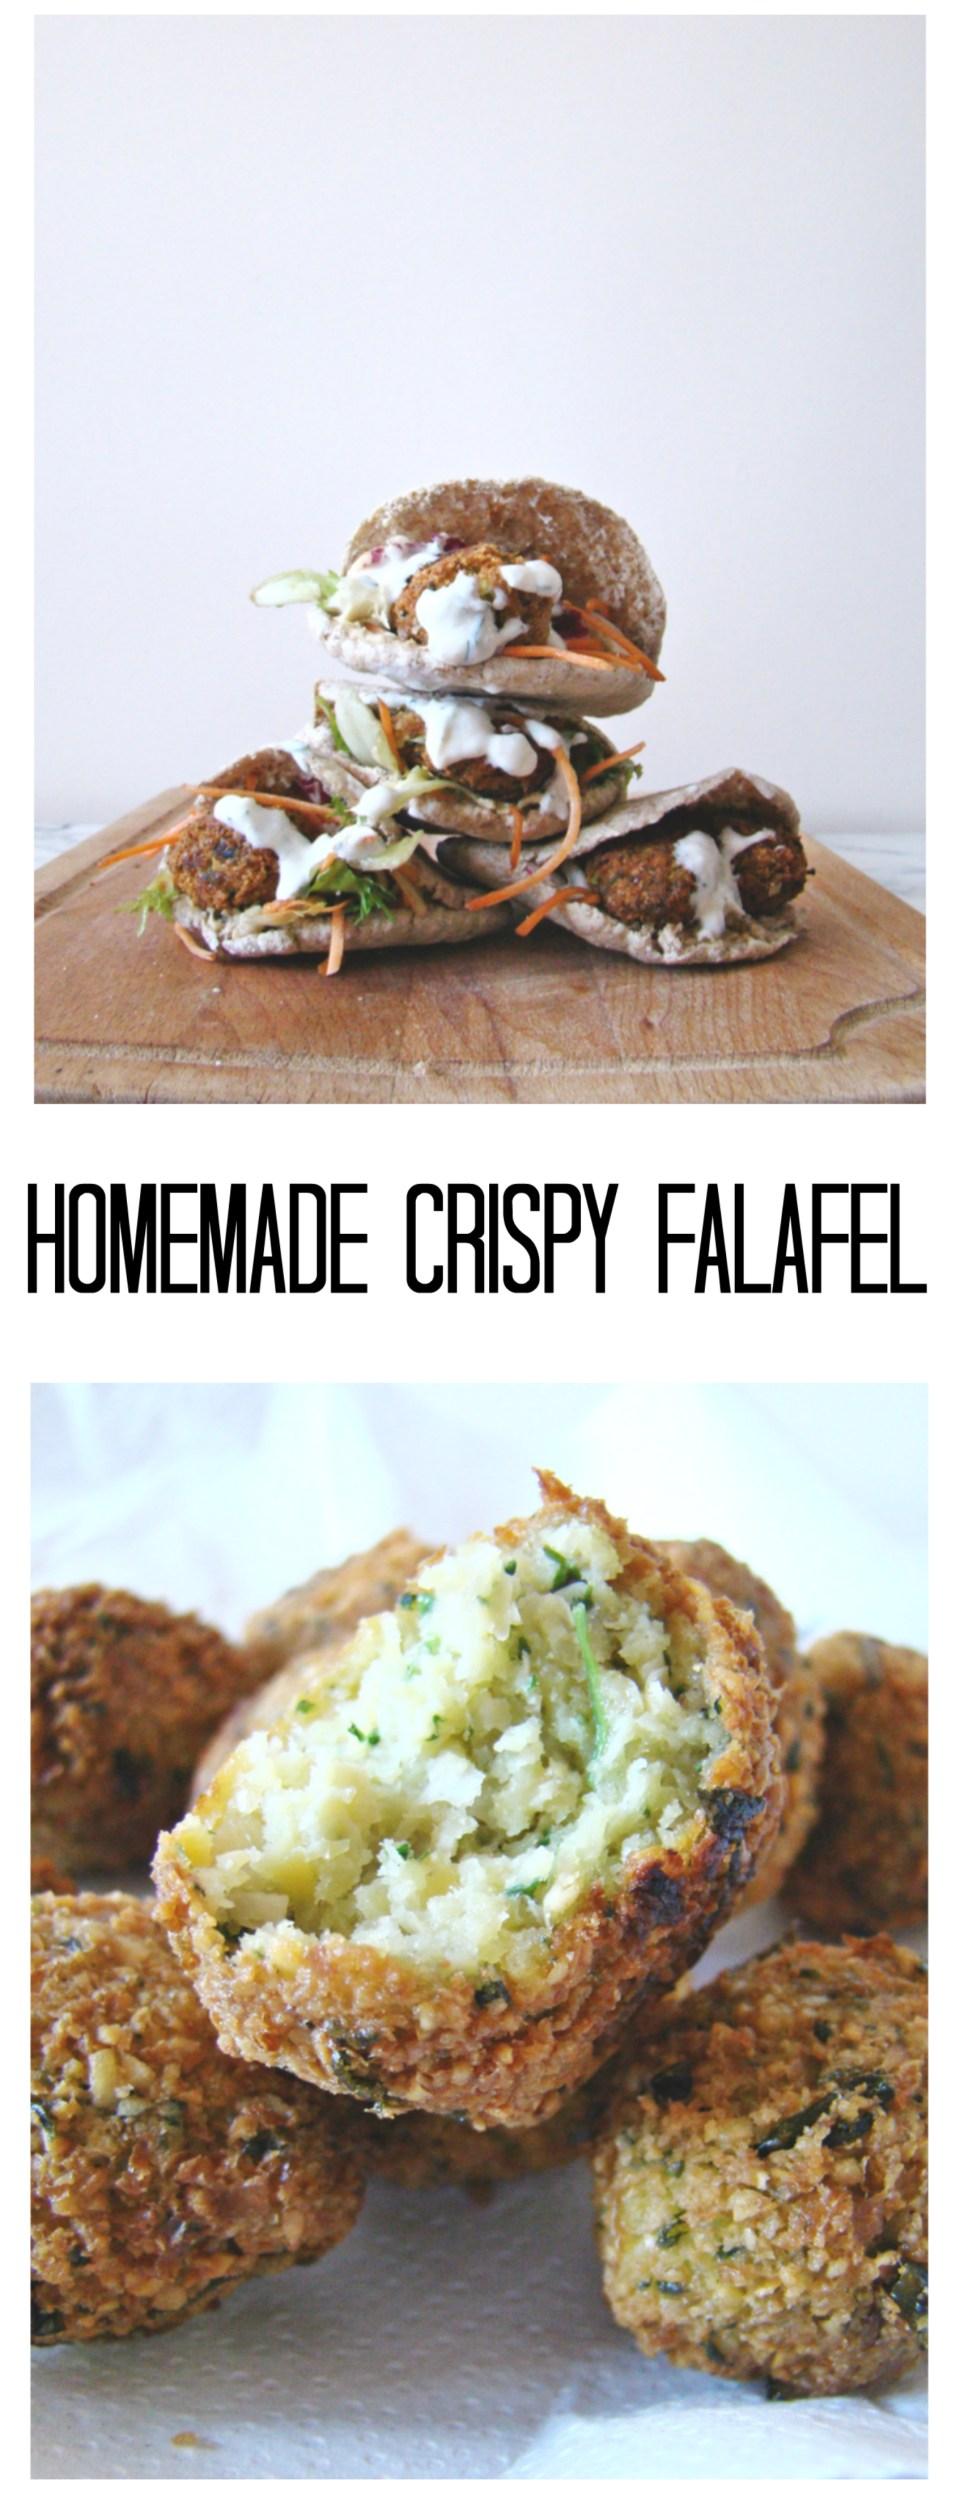 Homemade Crispy Falafel | booksandlavender.com